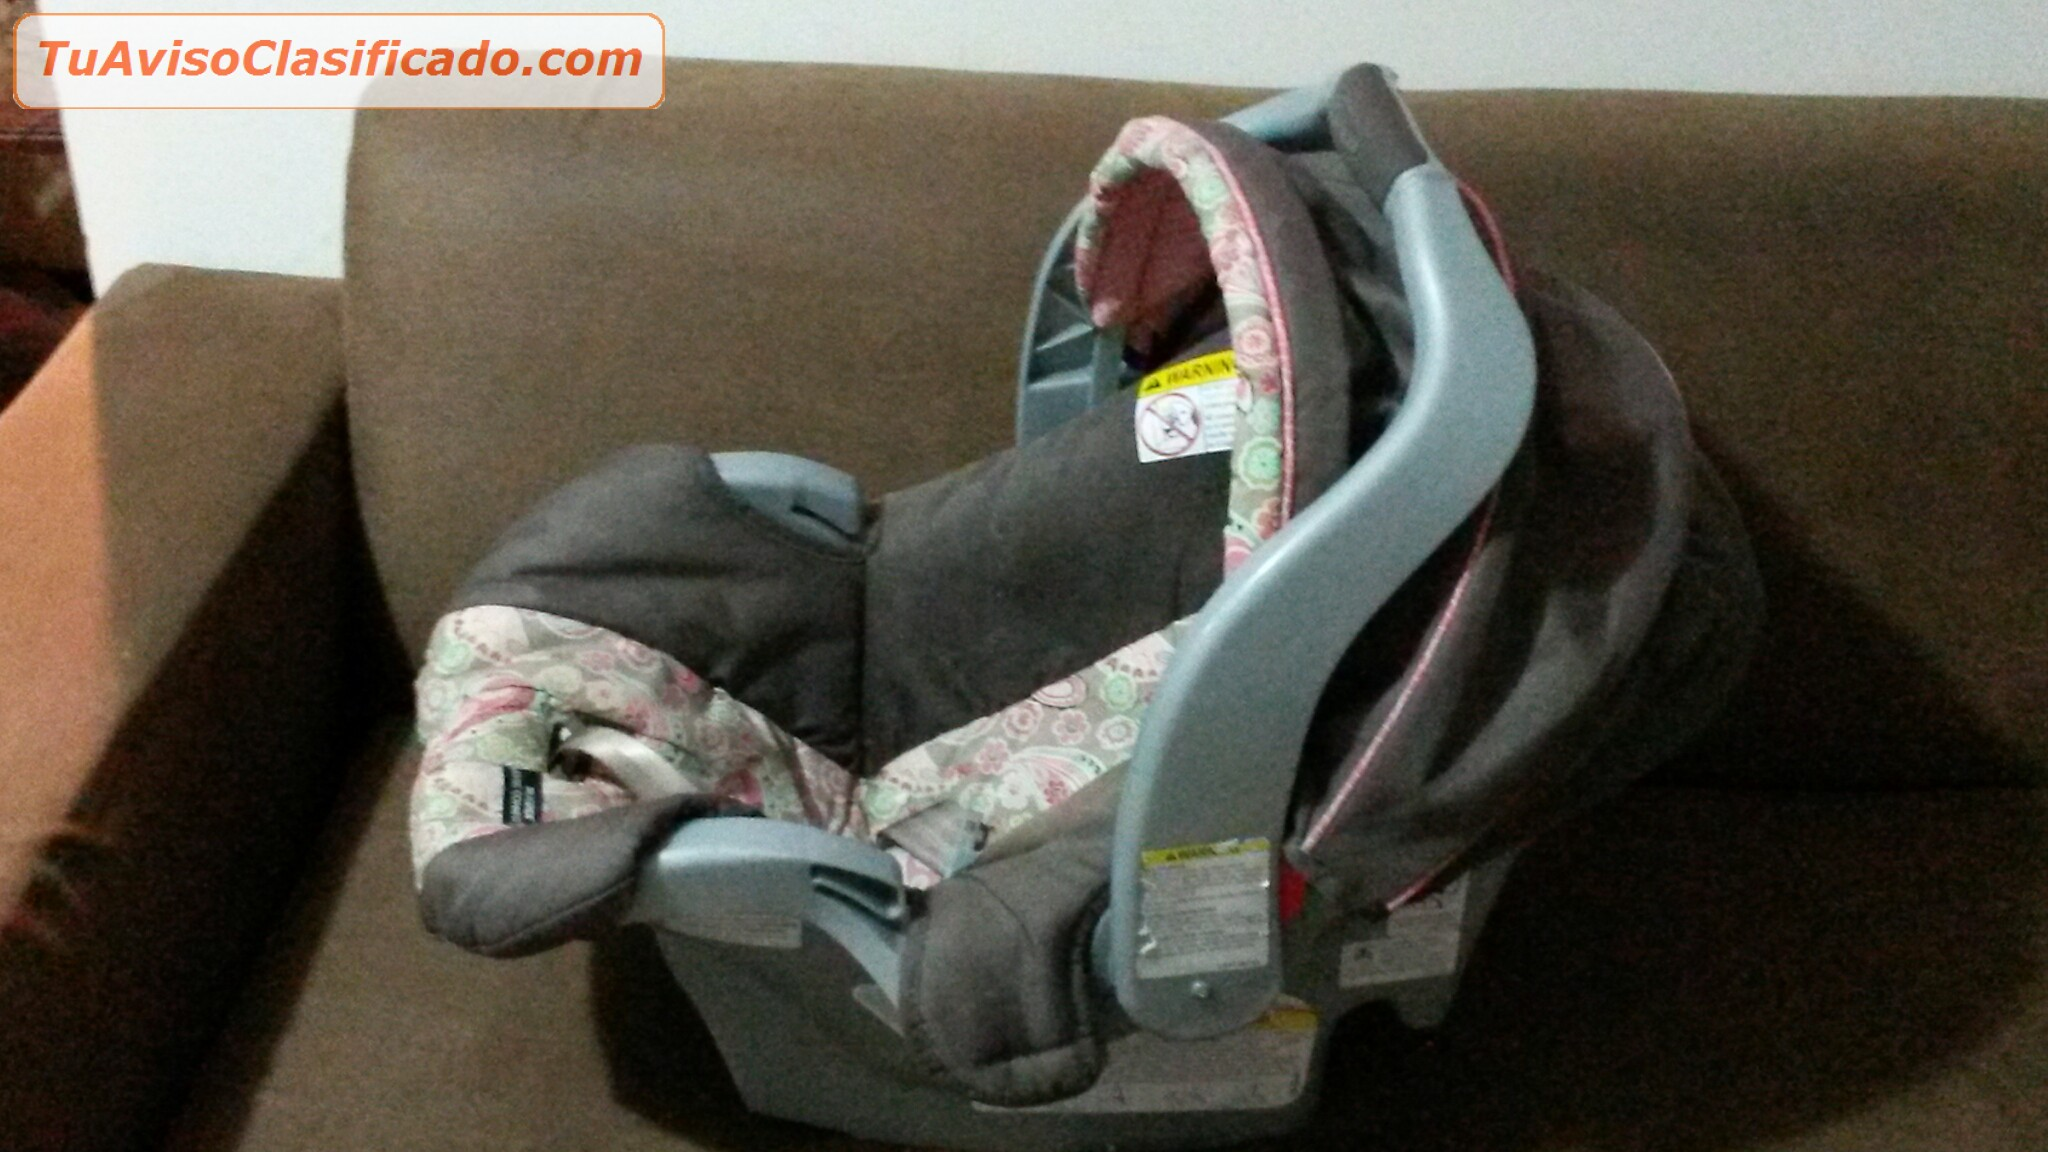 Silla para carro y porta bebe en excelente estado marca for Silla de carro para bebe